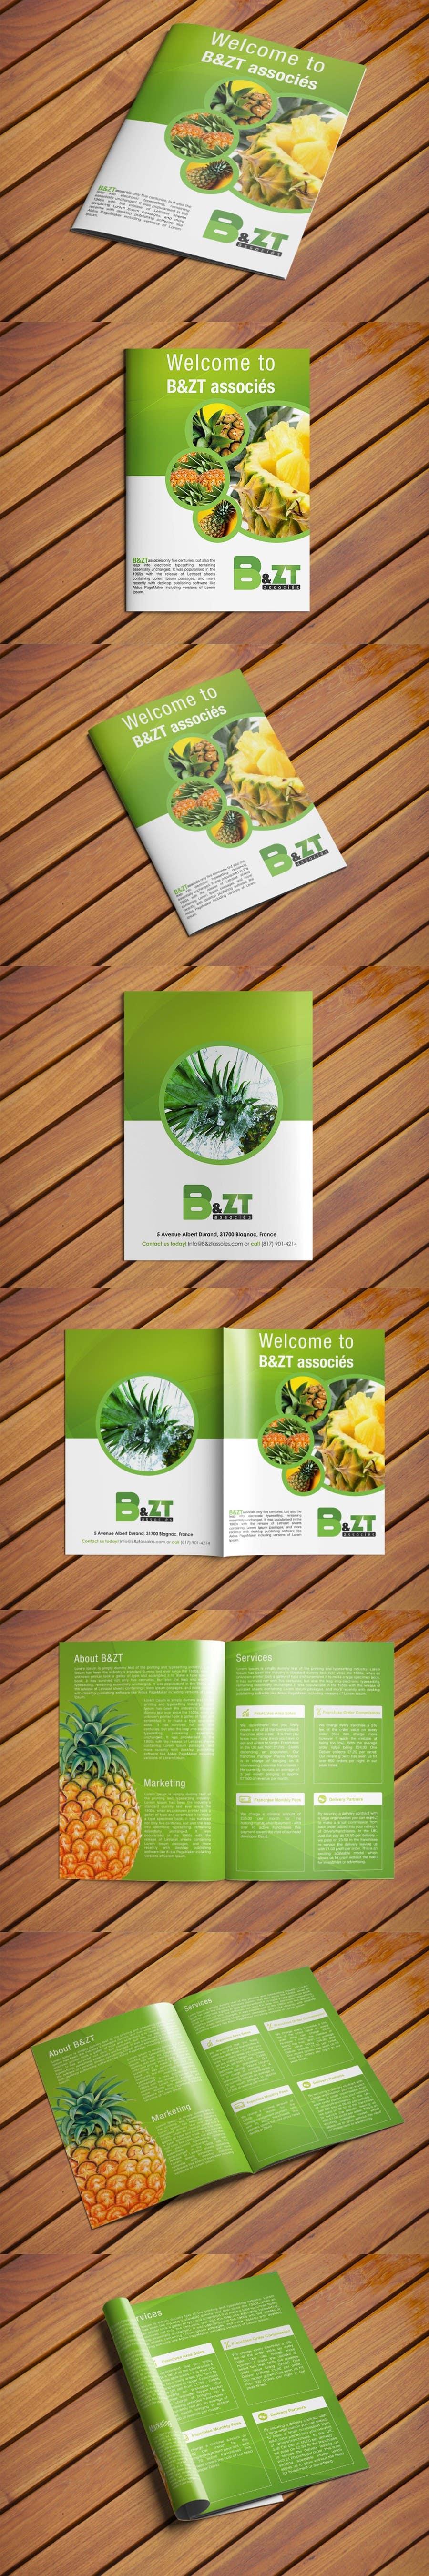 Proposition n°13 du concours Design a brochure + logo